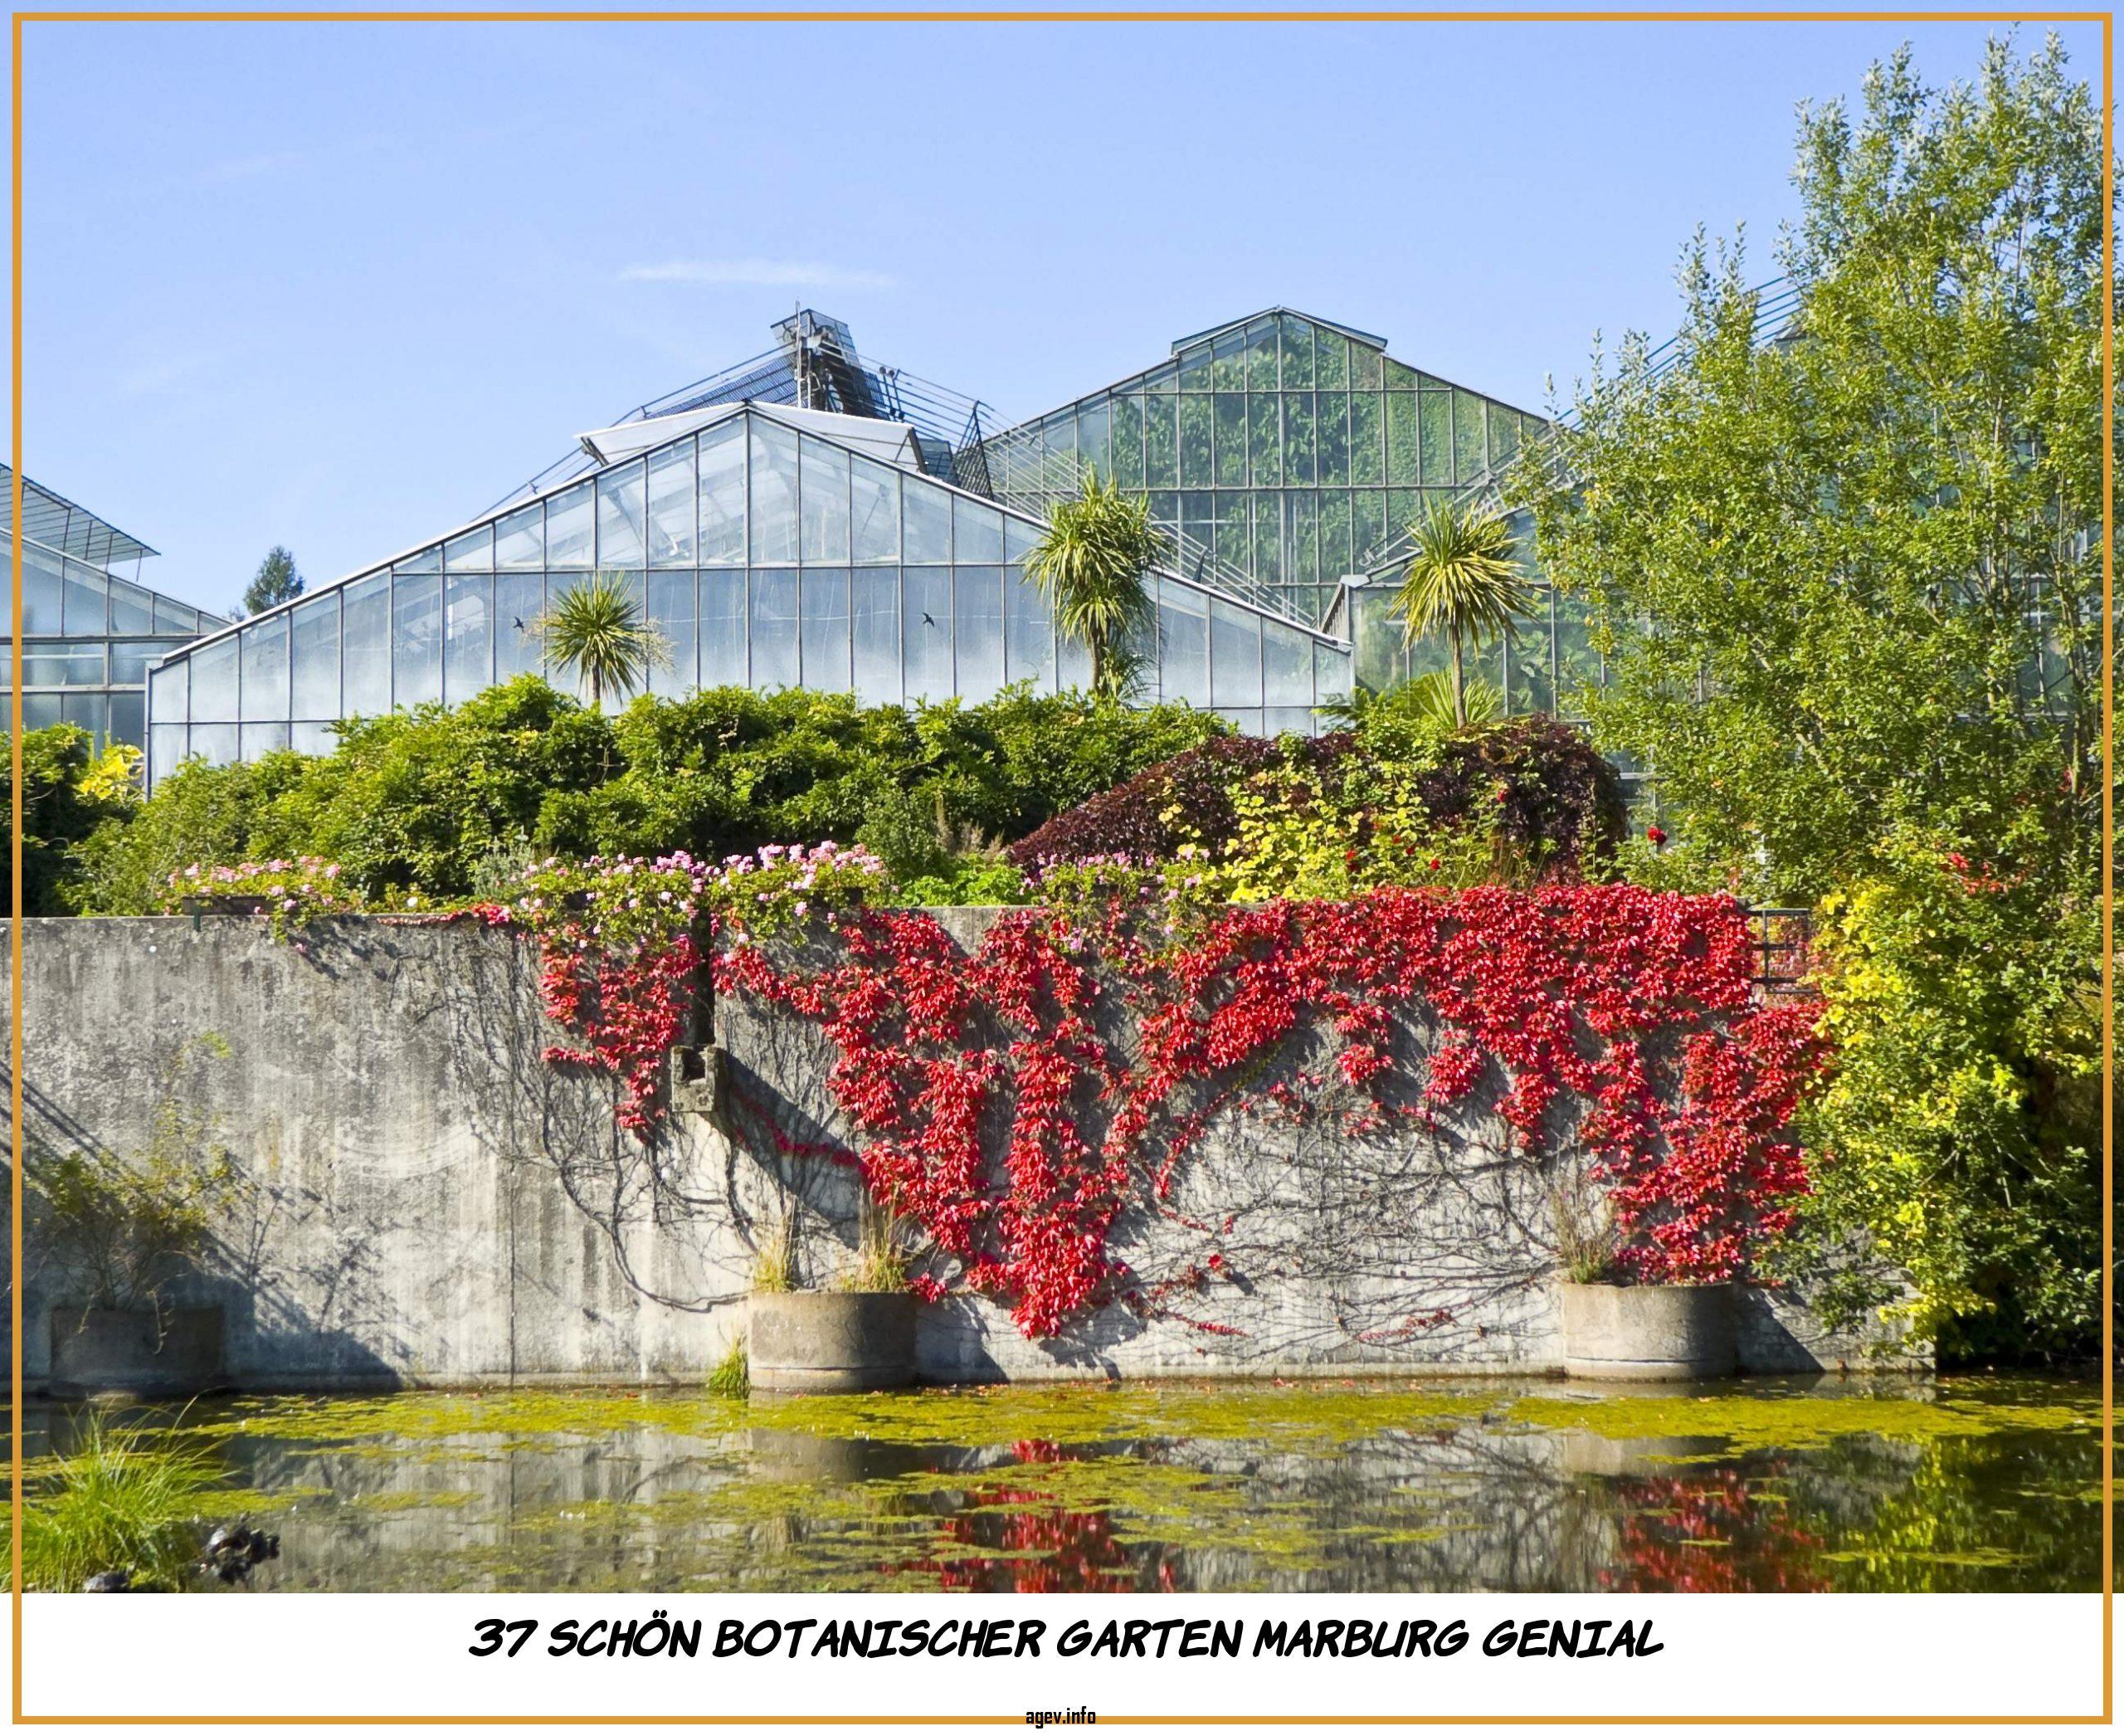 Botanischer Garten Marburg Frisch Datei Neuer Botanischer Garten Marburg 002 –